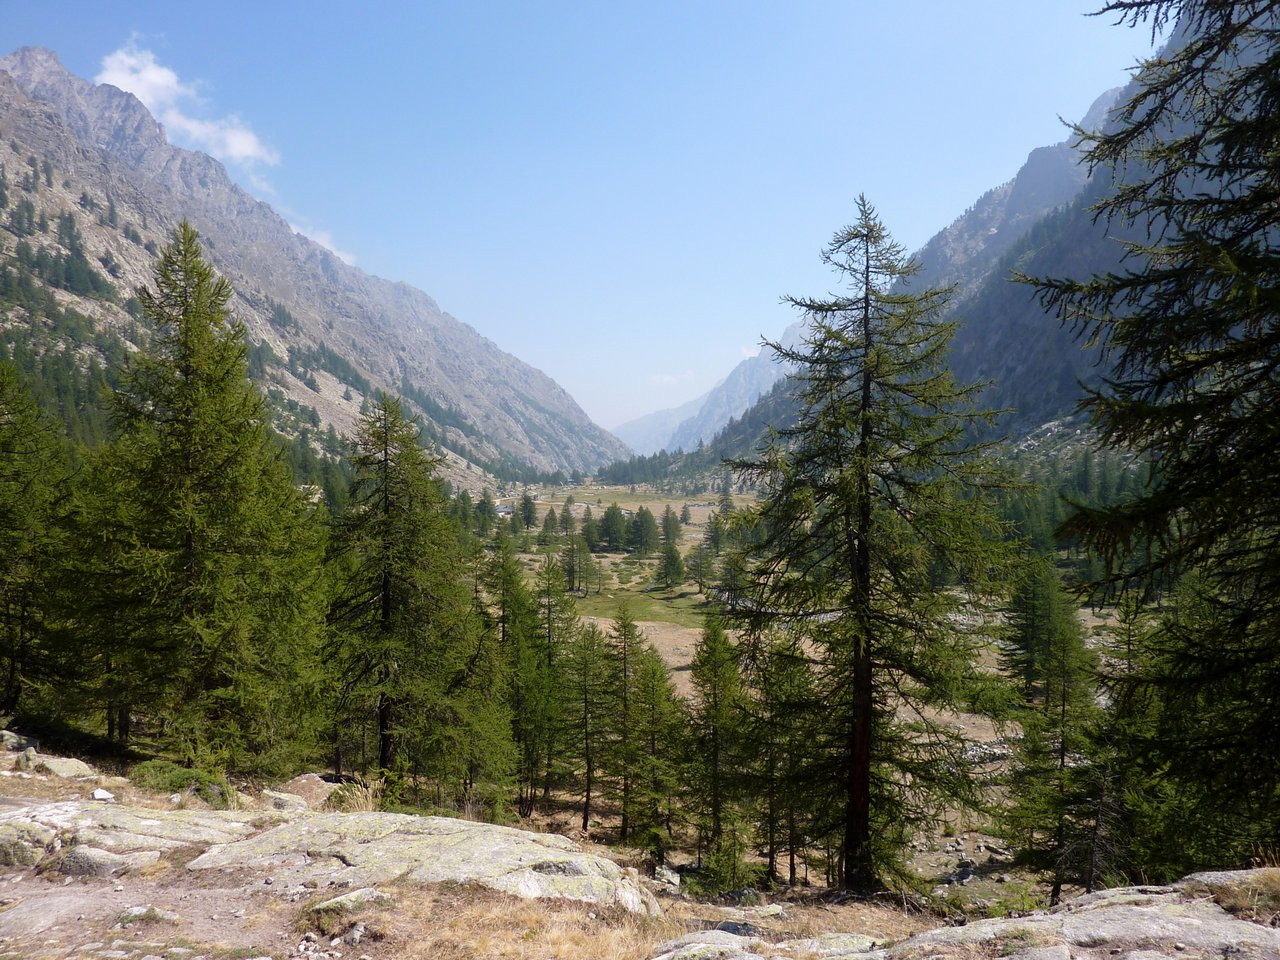 escursione ai laghi di fremamorta. pianoro del valascoescursione ai laghi di fremamorta. pianoro del valasco